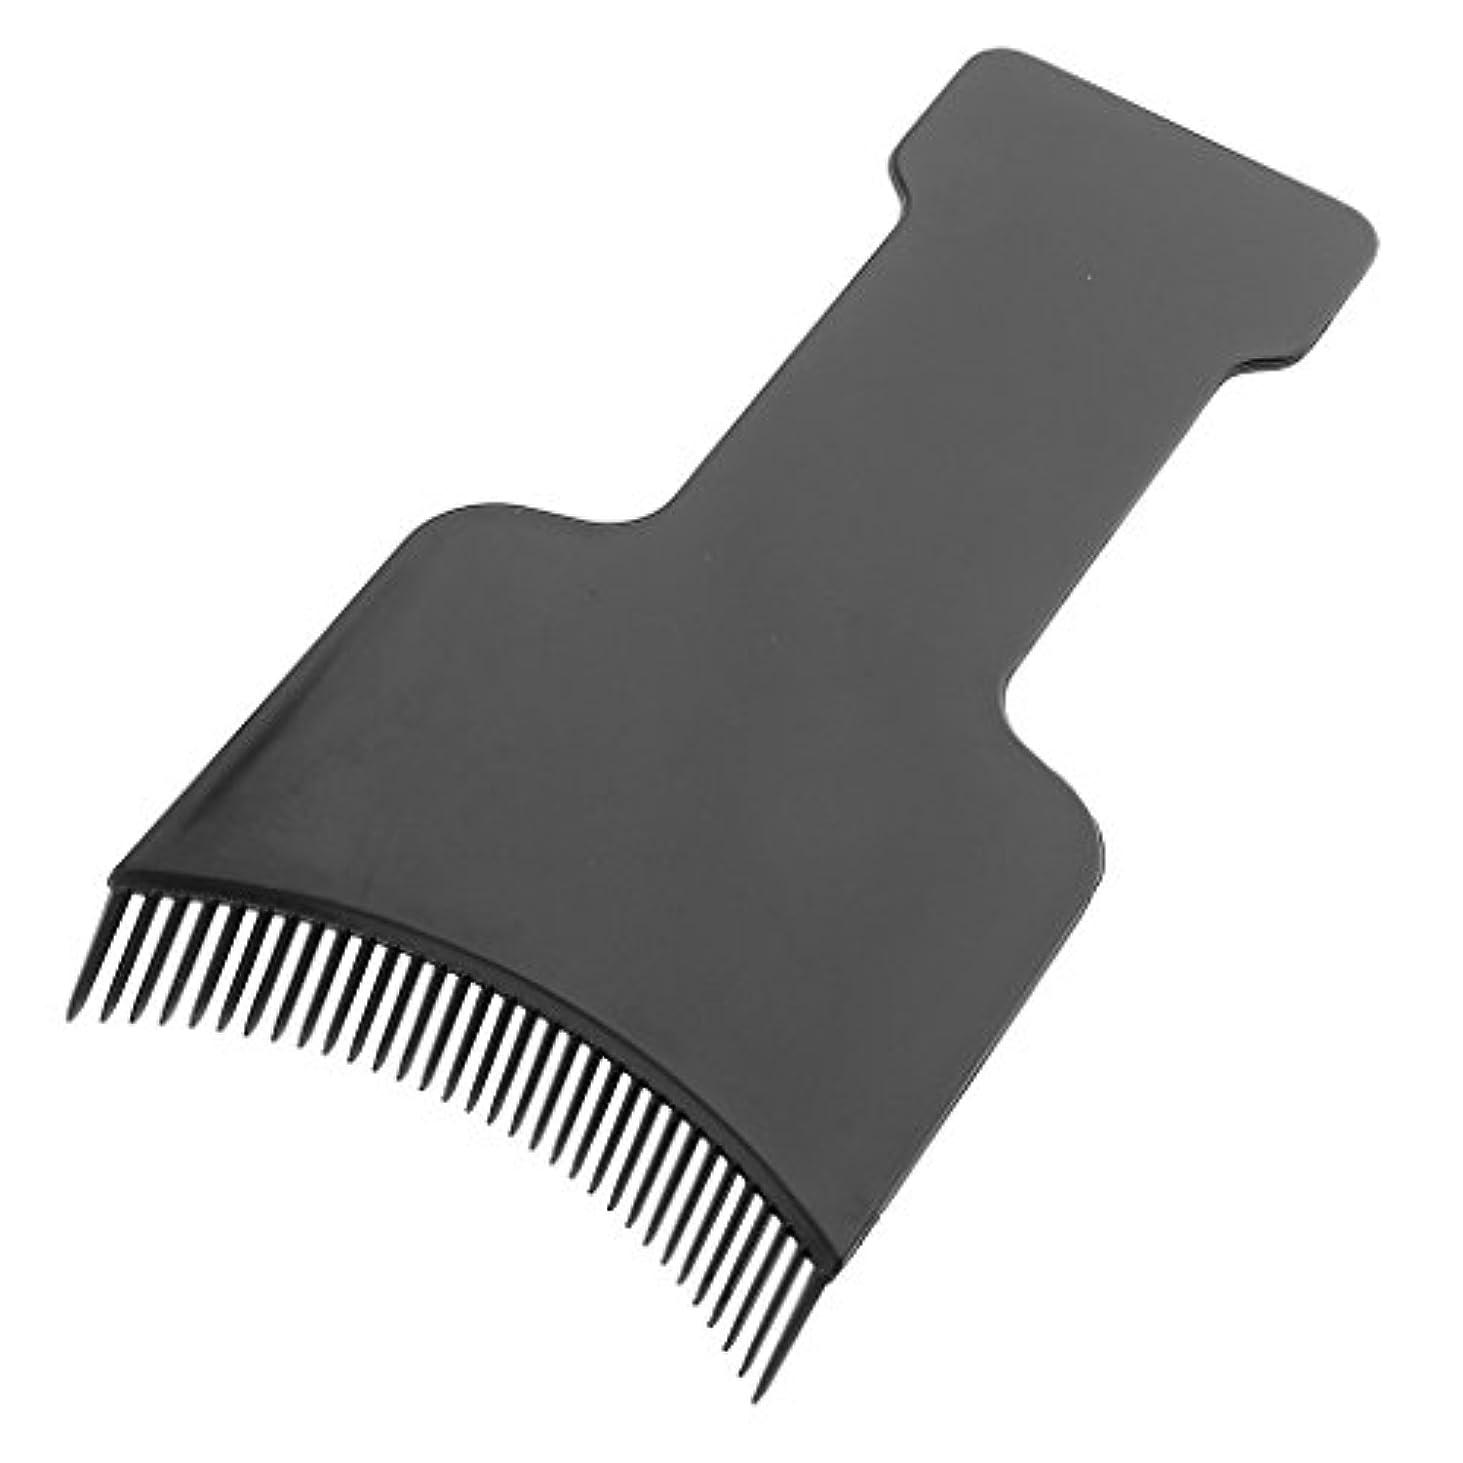 収益性差別無秩序Perfeclan ヘアカラーボード サロン ヘアカラー 美容 ヘア ツール 髪 保護 ブラック 全4サイズ - S